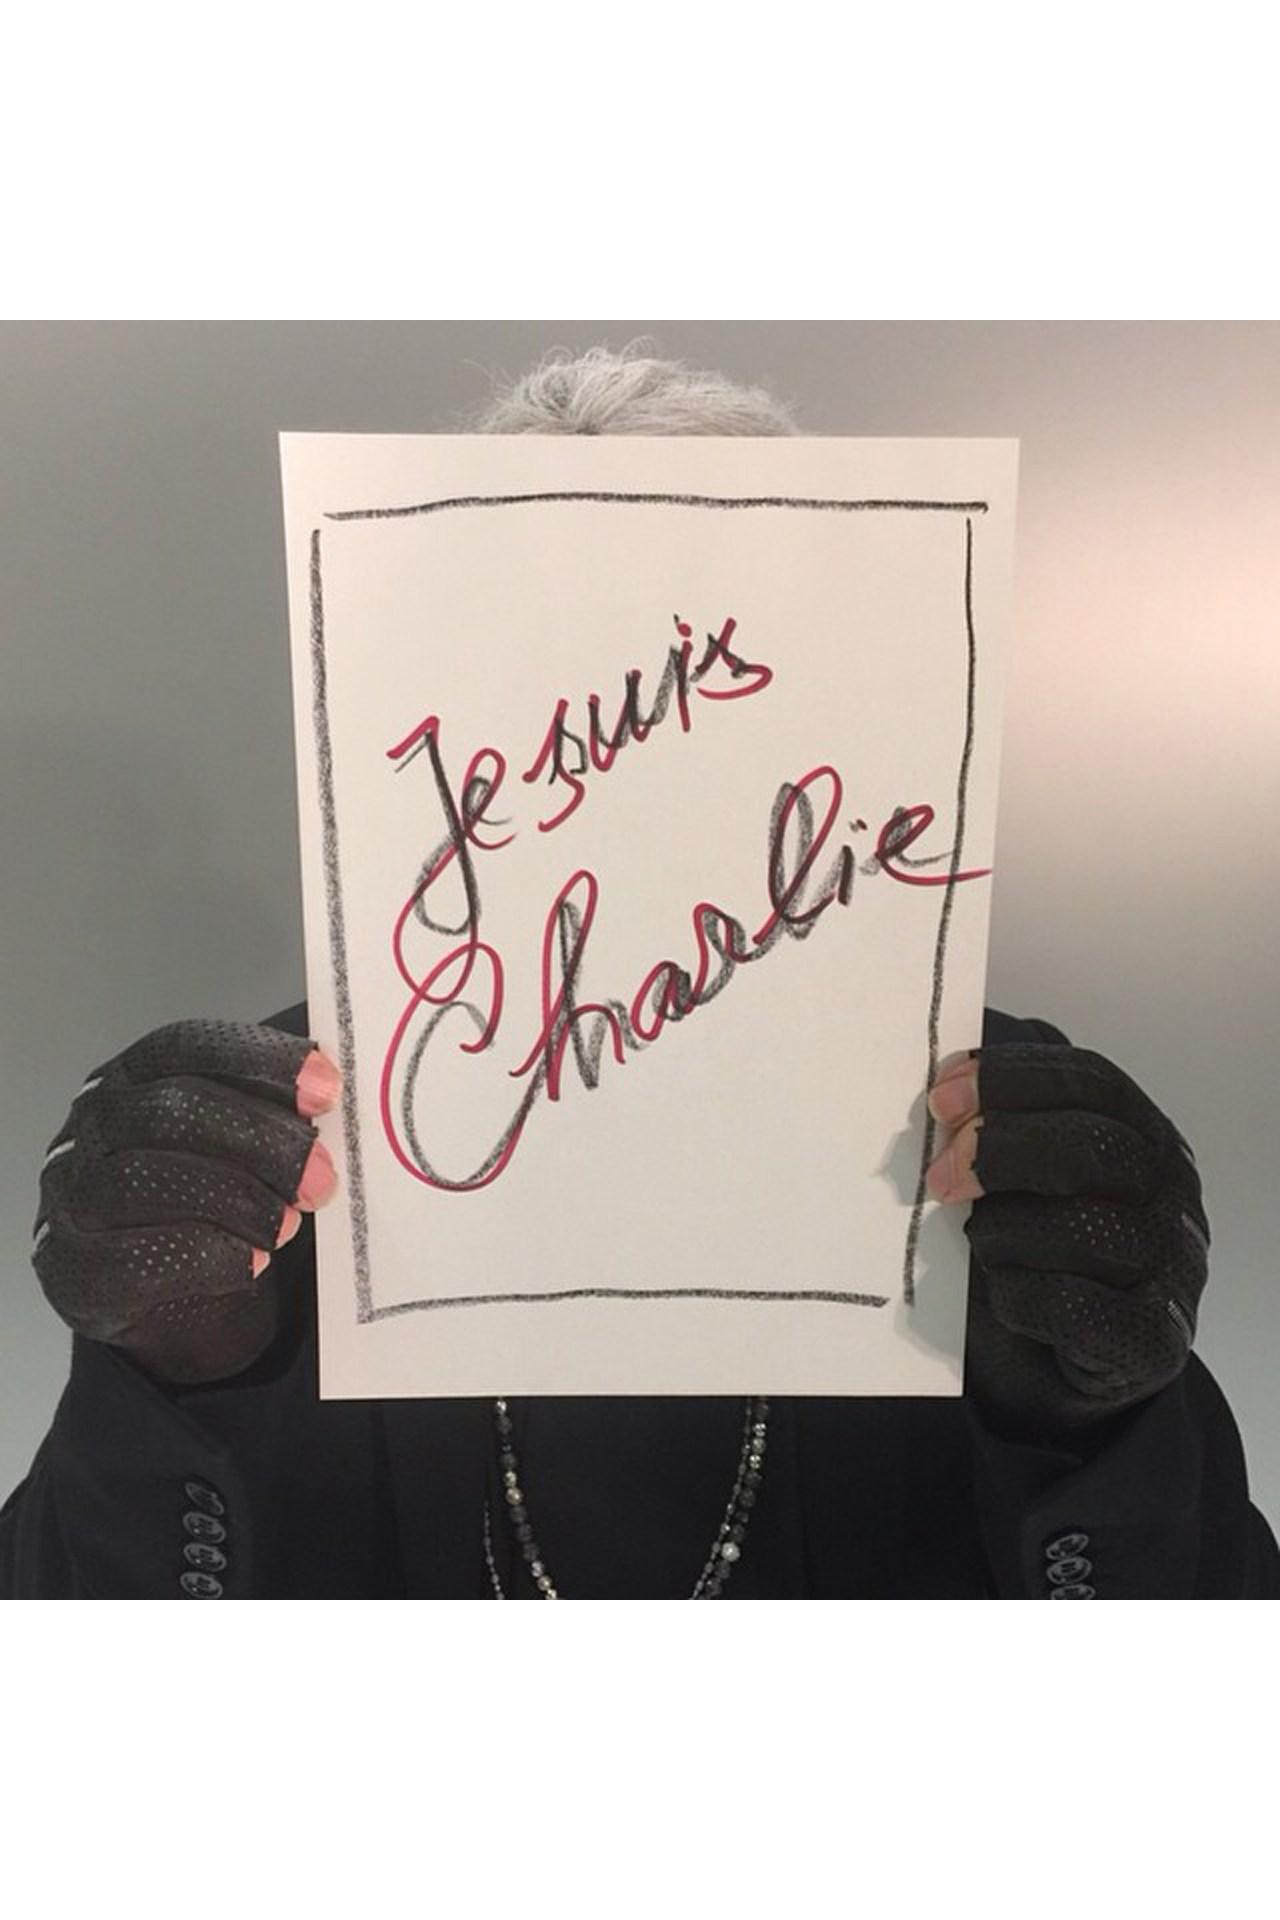 je-suis-charlie-vogue-9jan15-karl-lagerfeld_b